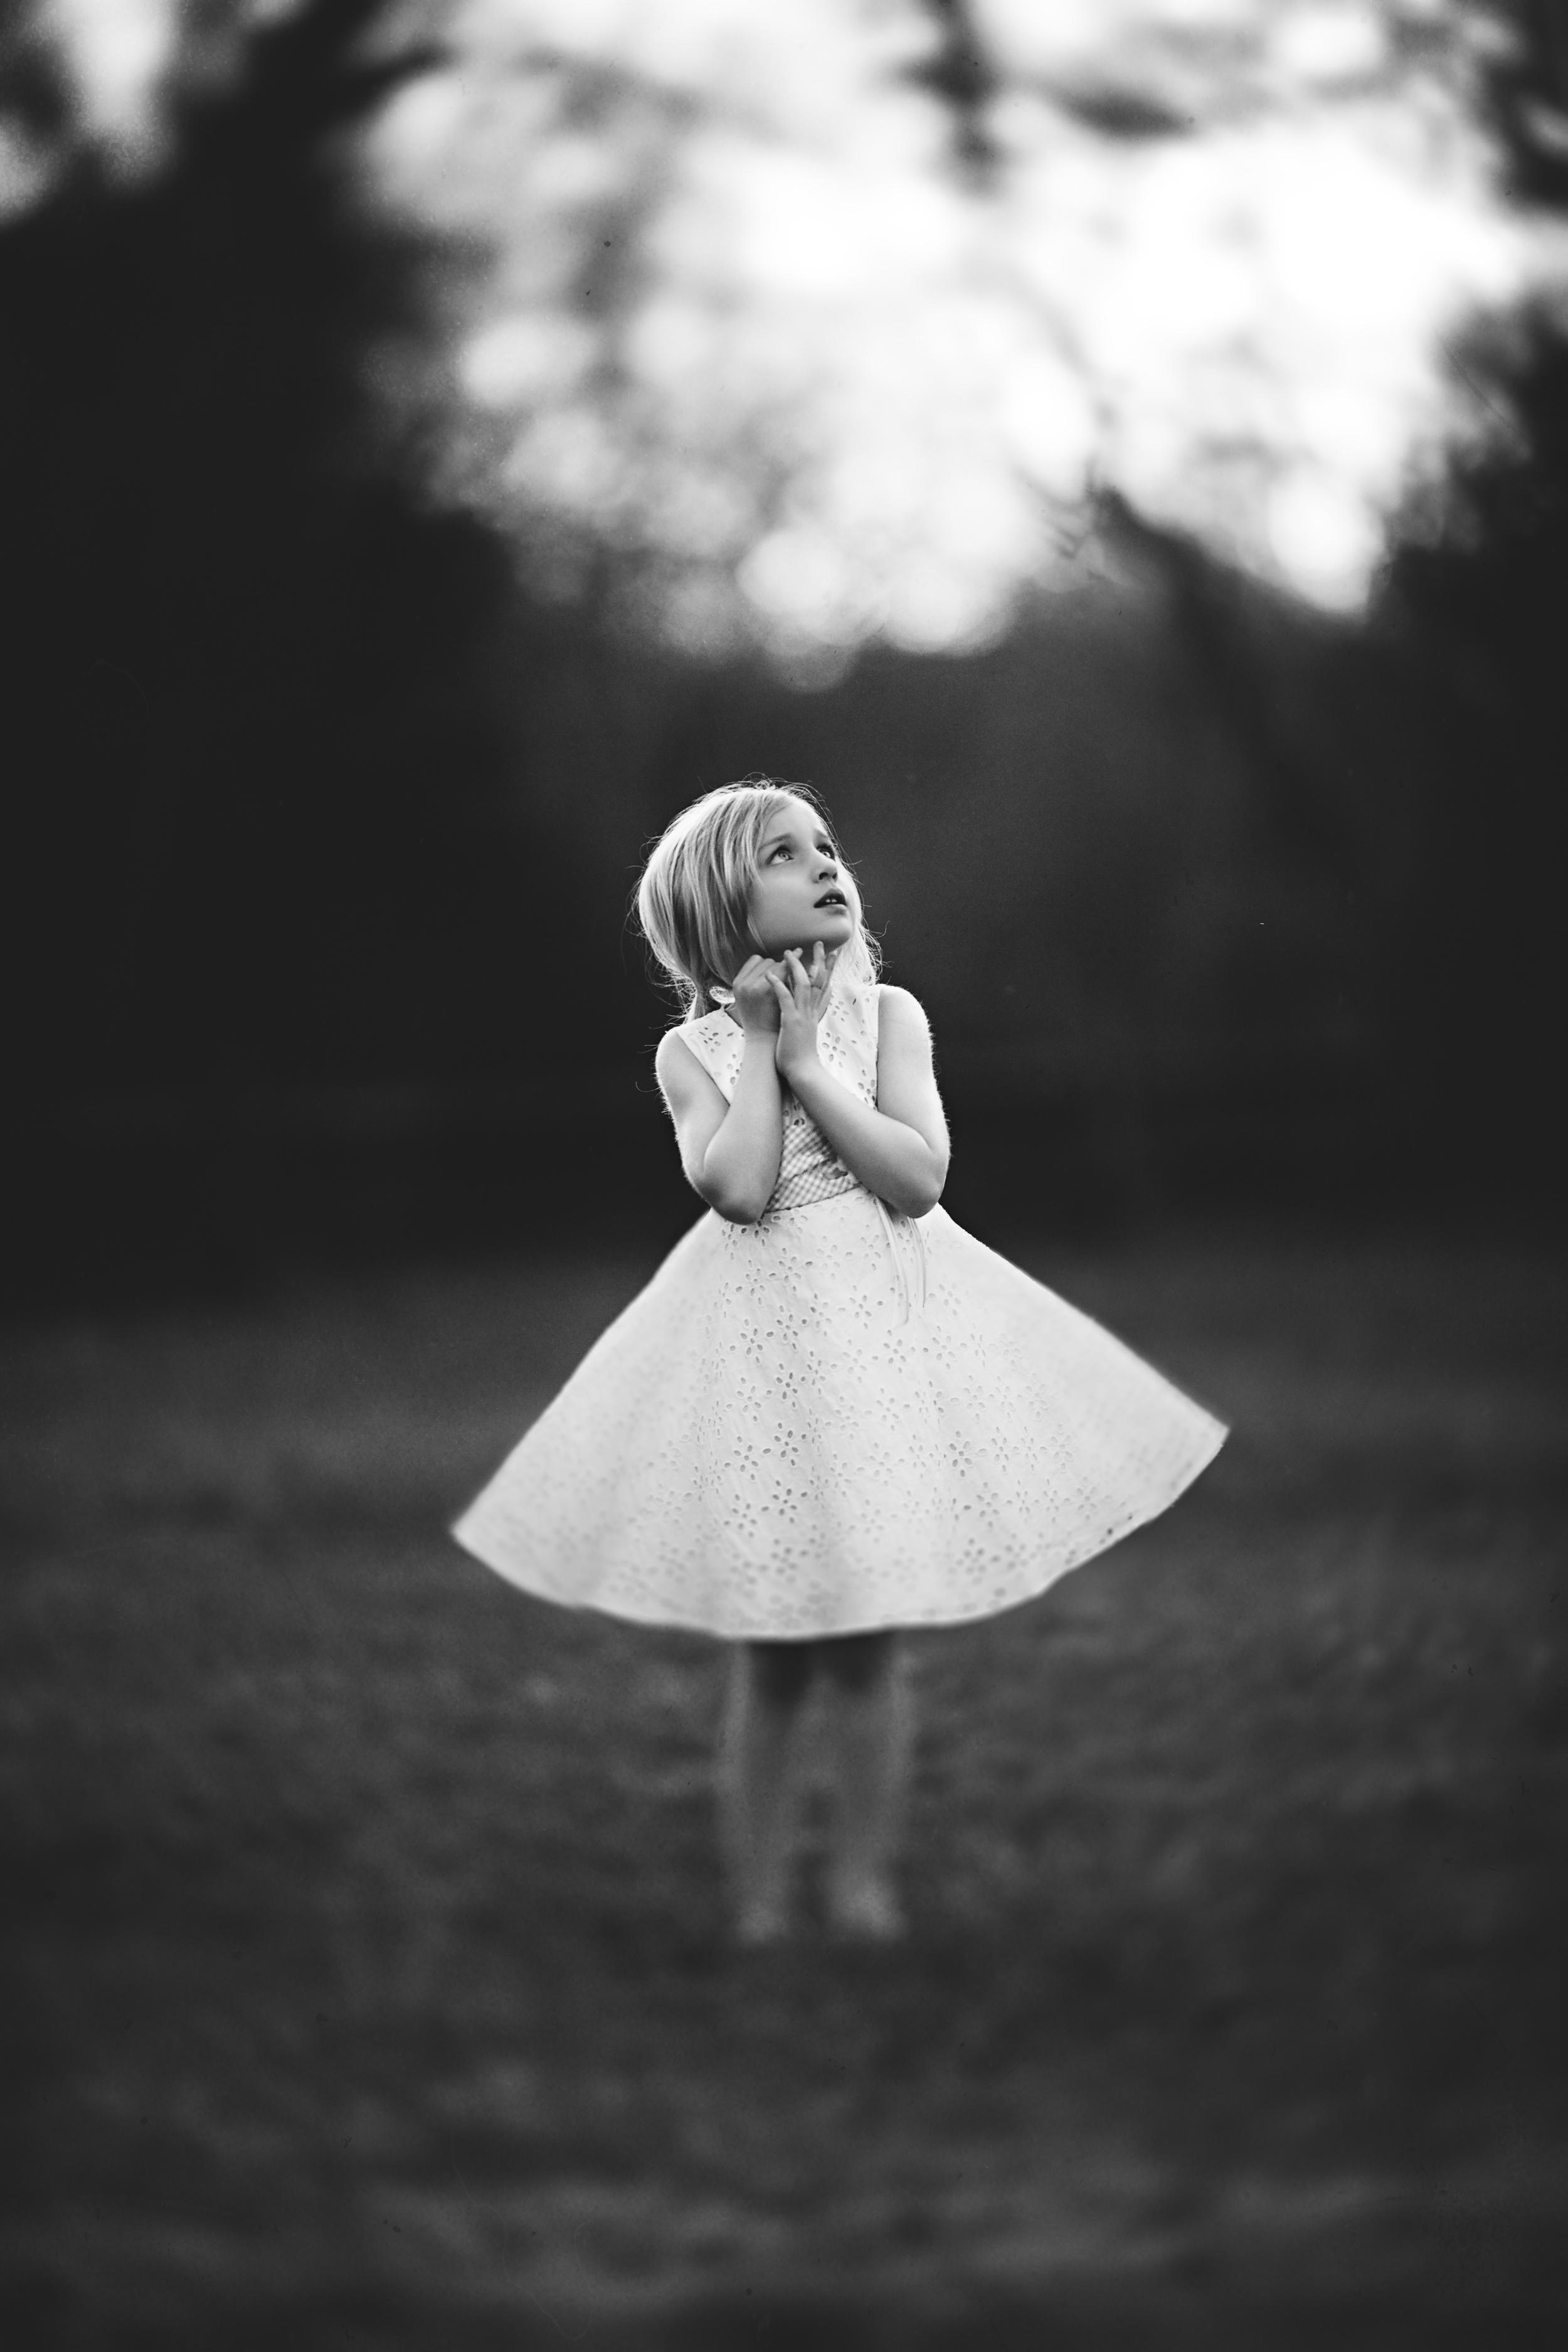 Hello-olivia-photographer-long-island-family-portrait-photographer-little-girl-in-white-dress